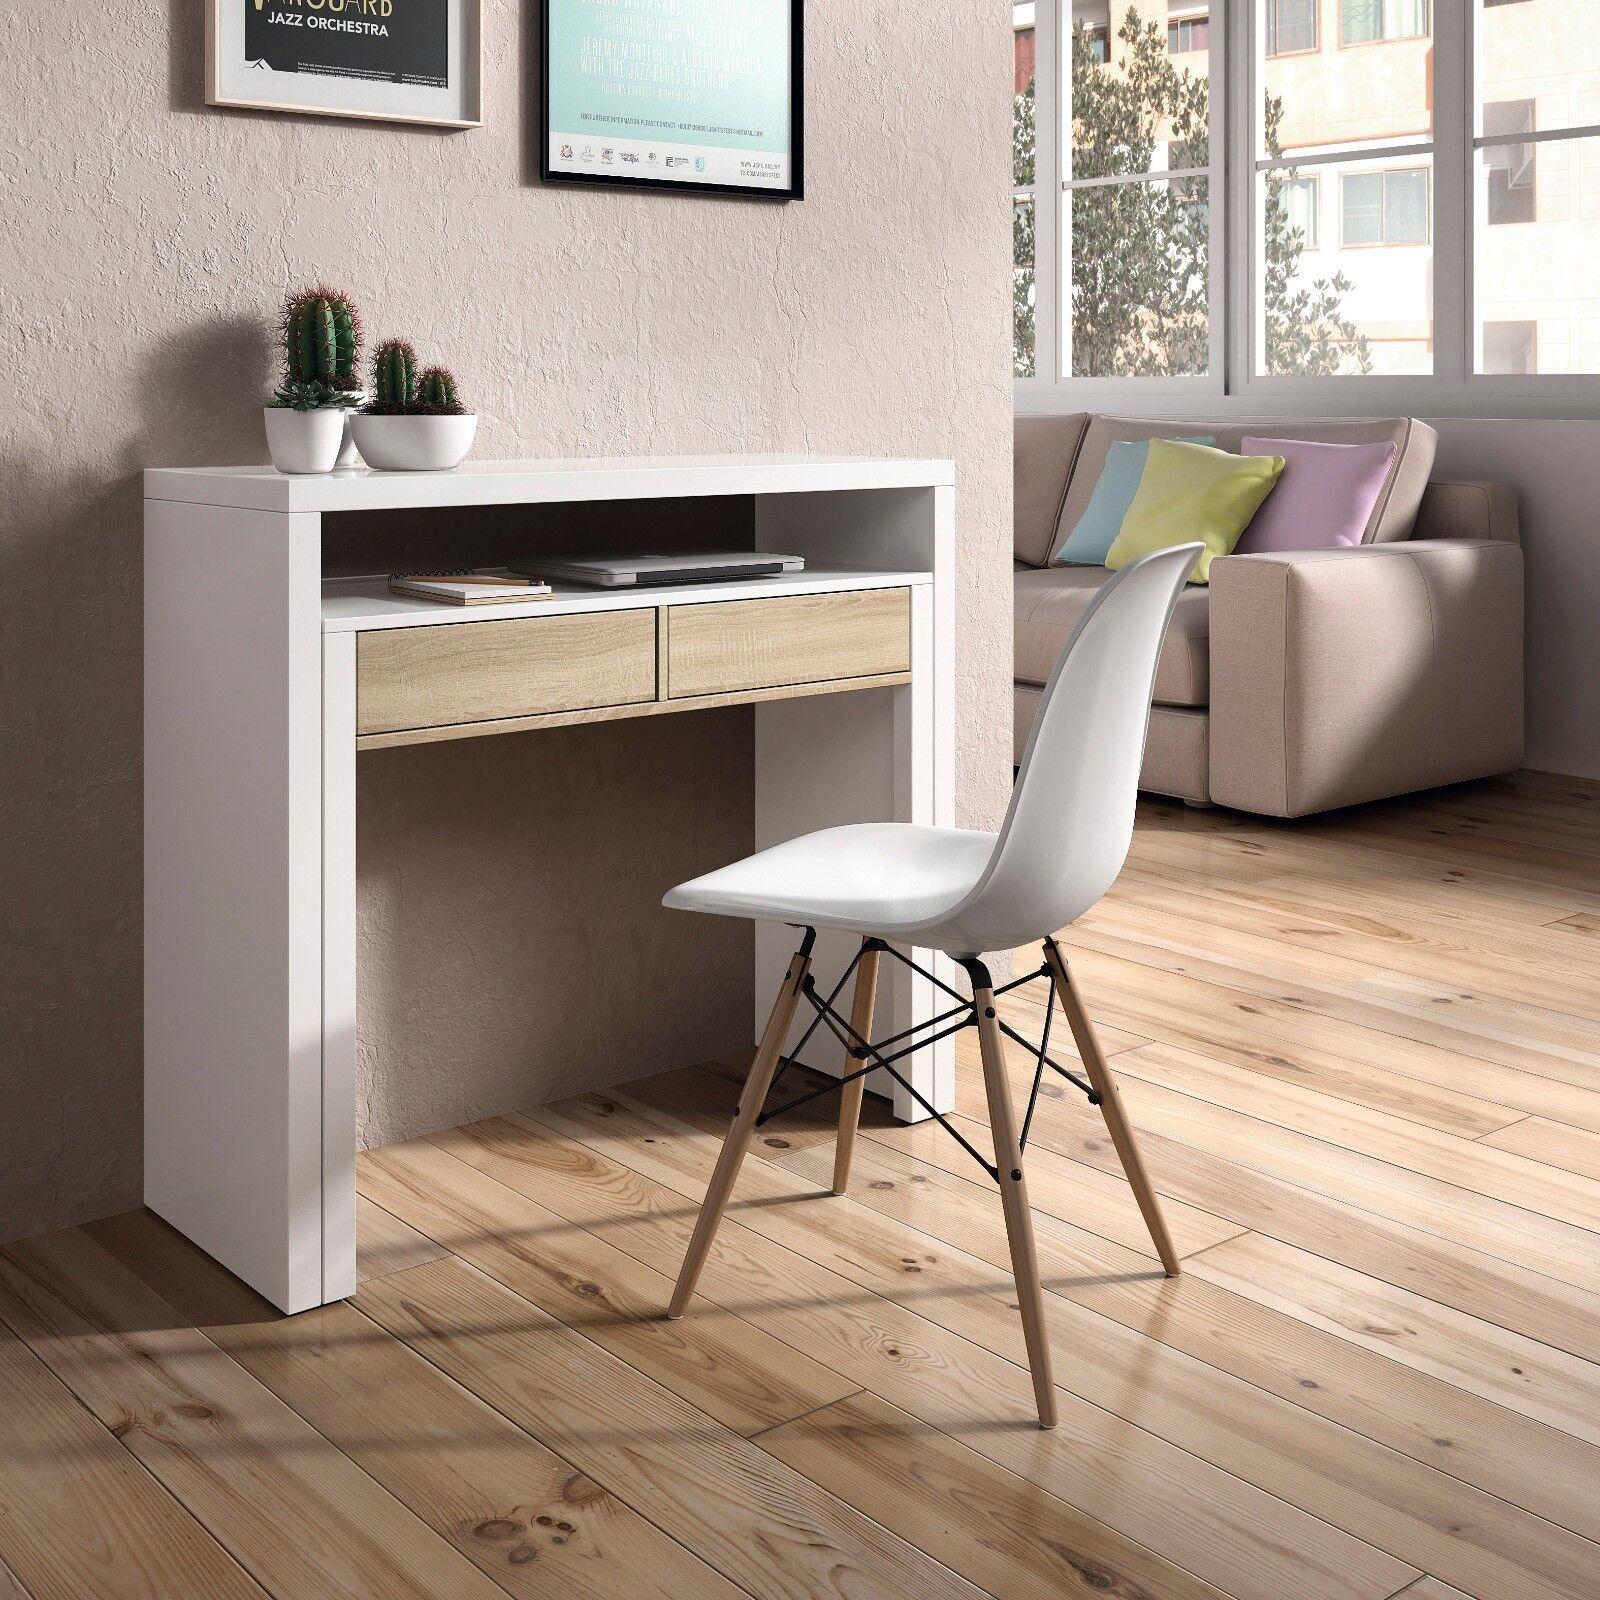 Mesa consola escritorio mesa extensible mesa para - Mobile per computer a scomparsa ...